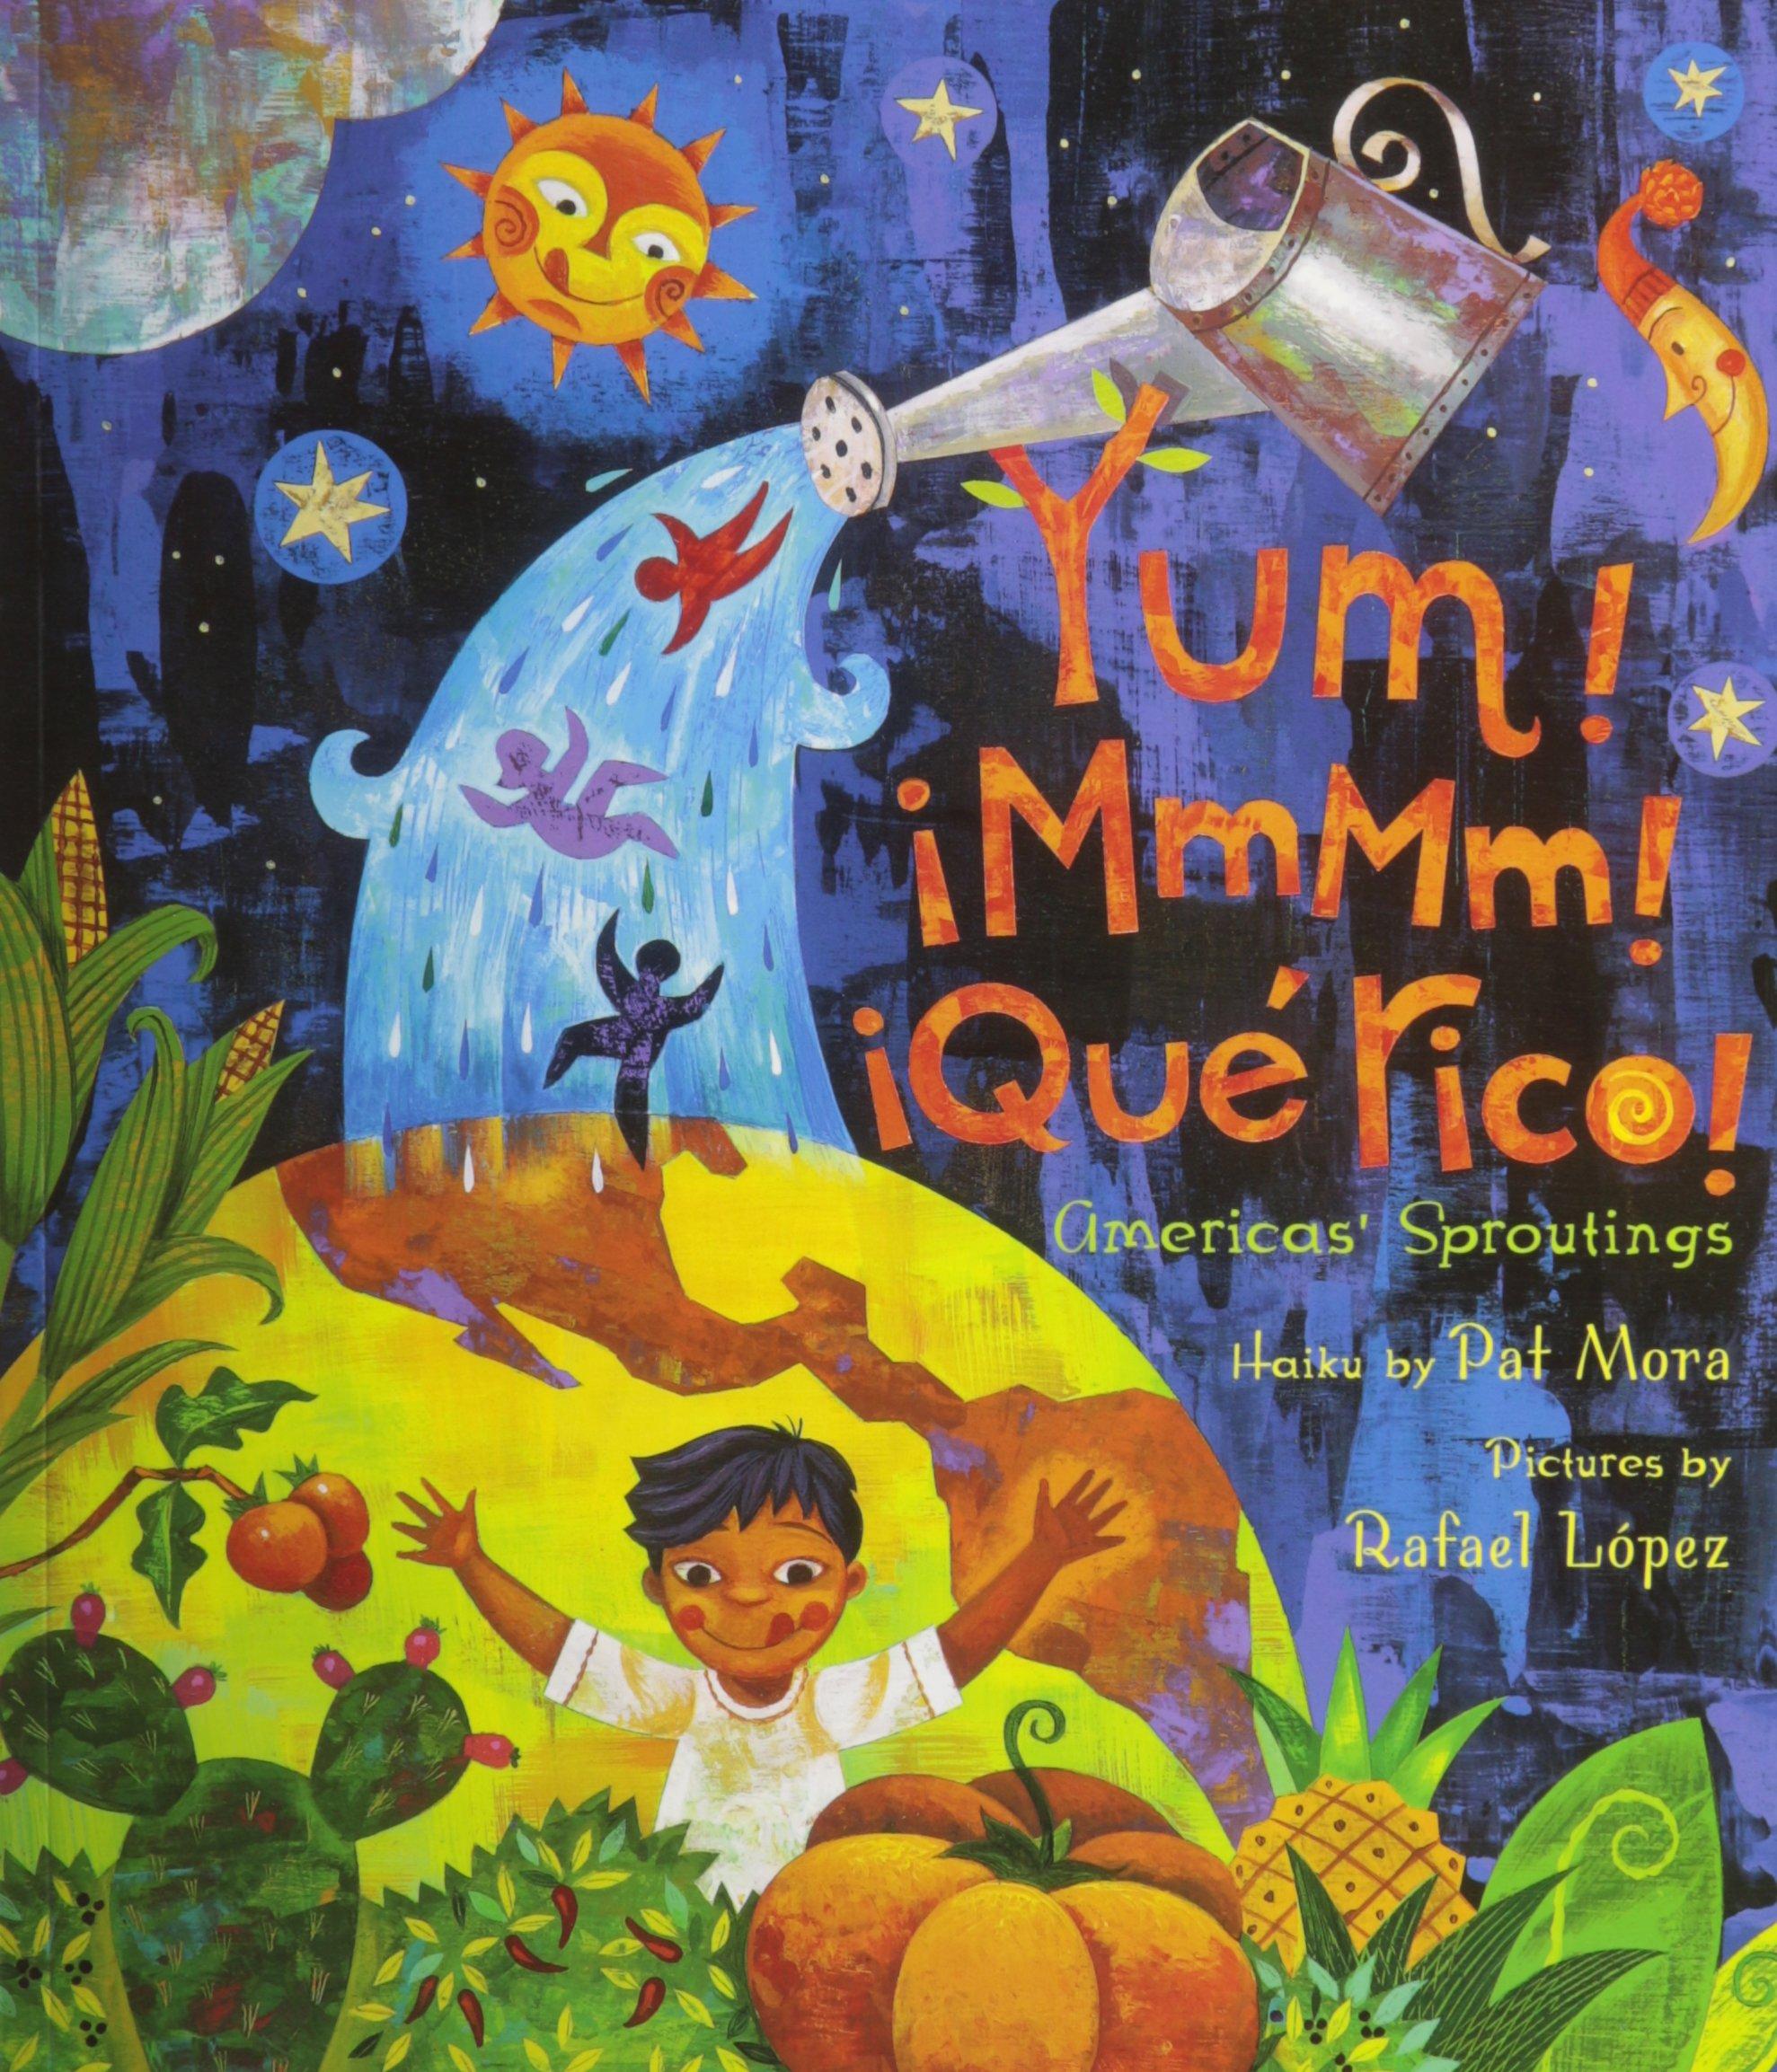 Download Yum! MMMM! Que Rico! (1 Paperback/1 CD): Americas' Sproutings pdf epub